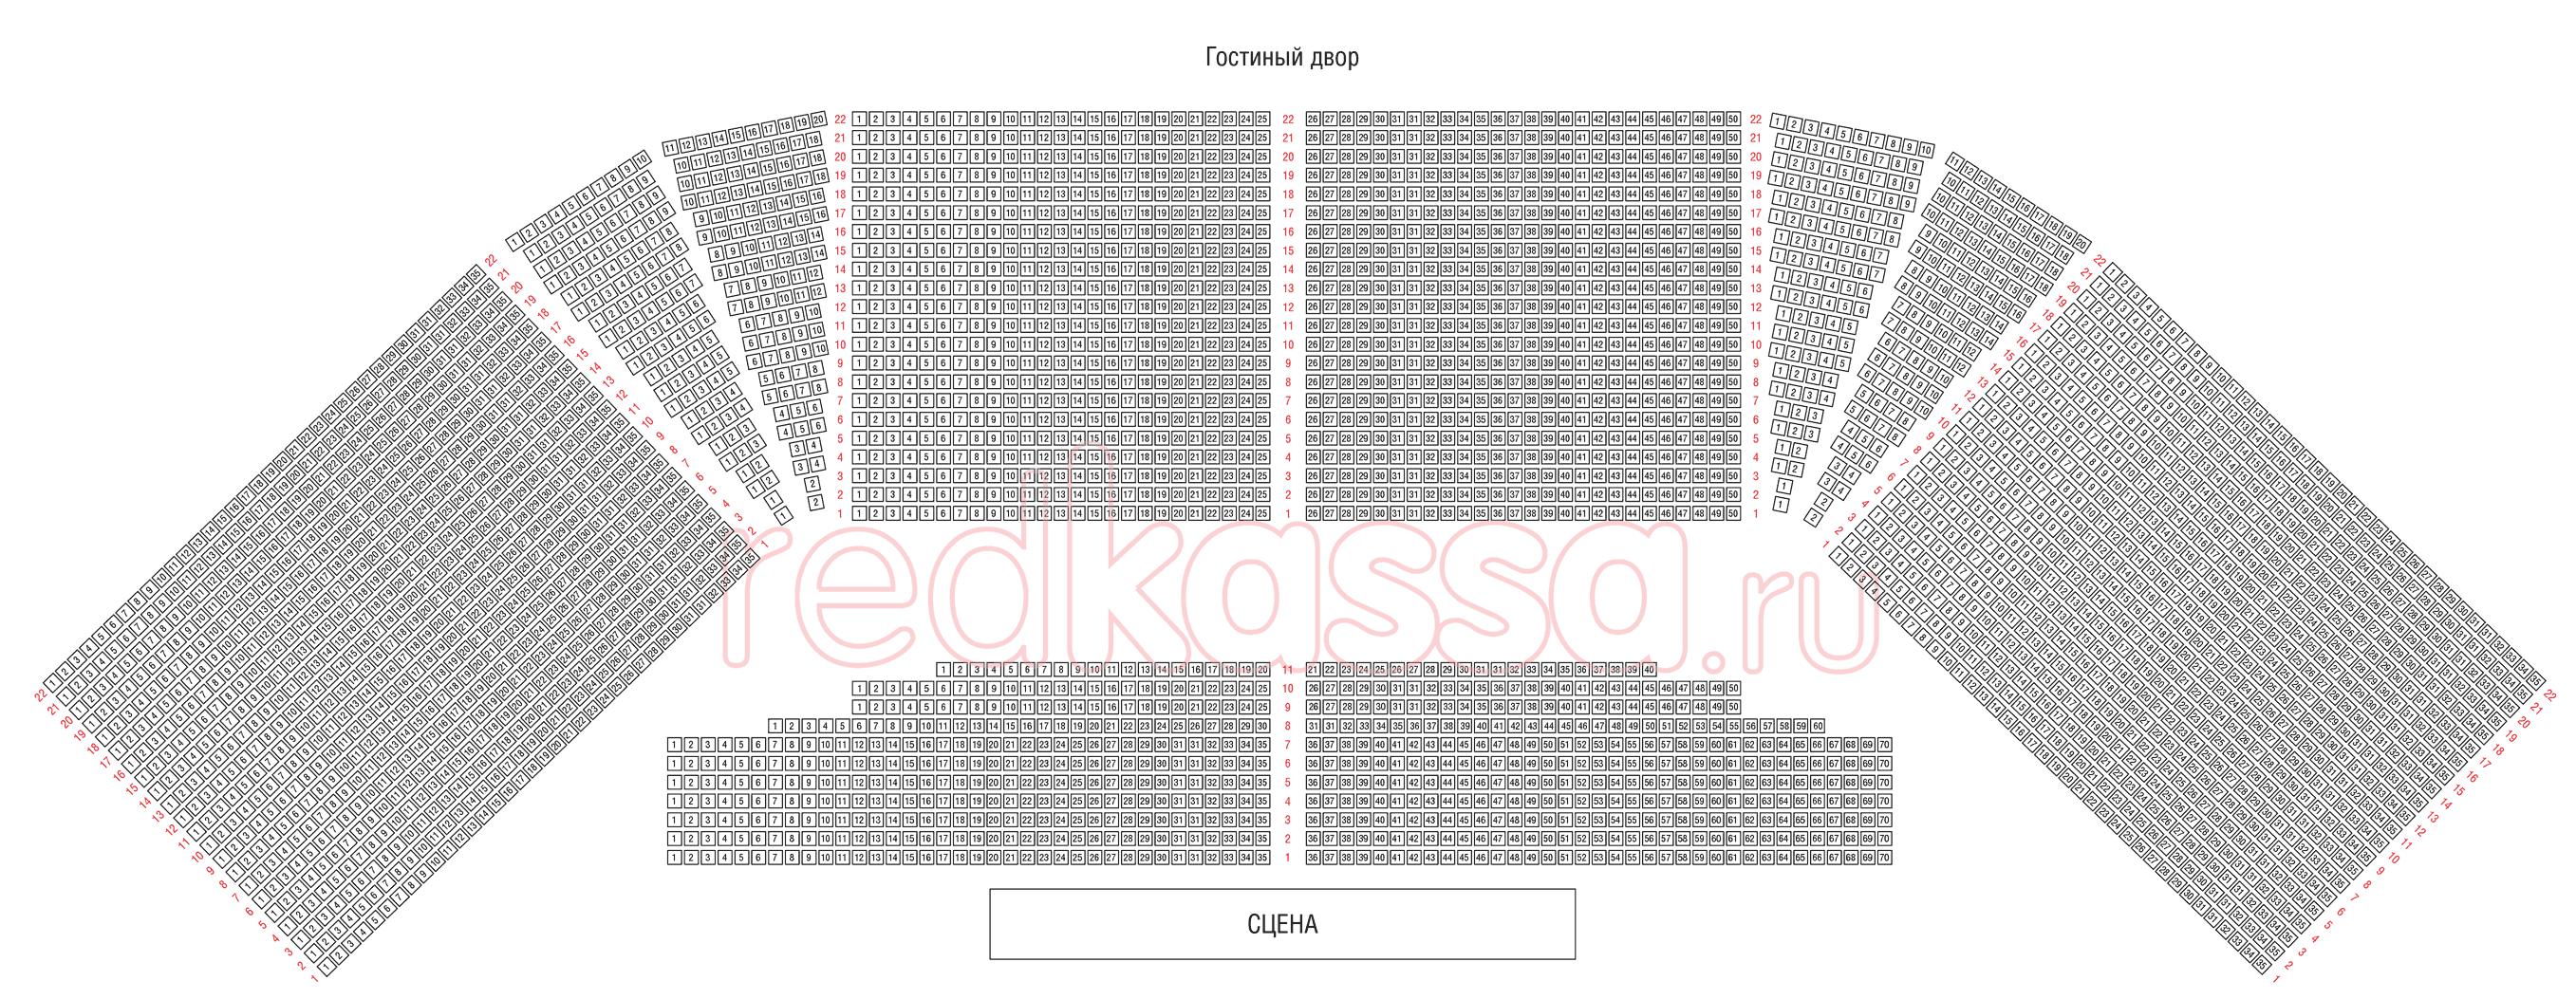 Схема зала Гостиный Двор